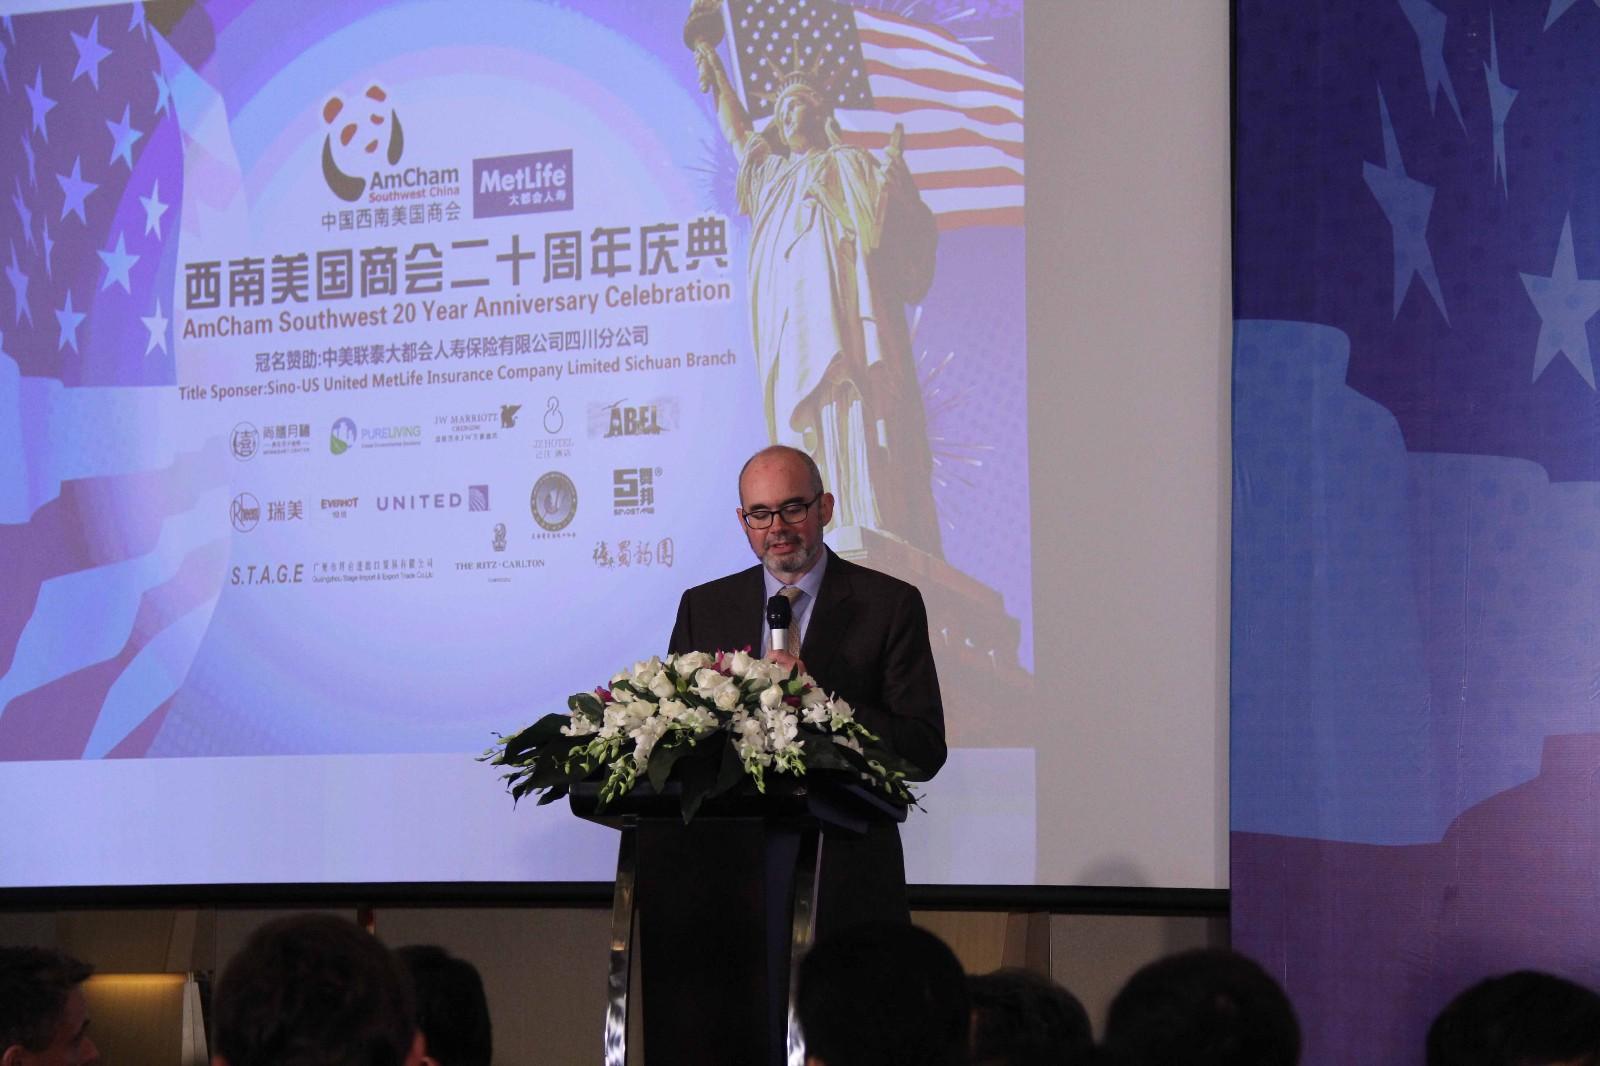 瑞美(中国)受邀出席美商会二十周年庆典